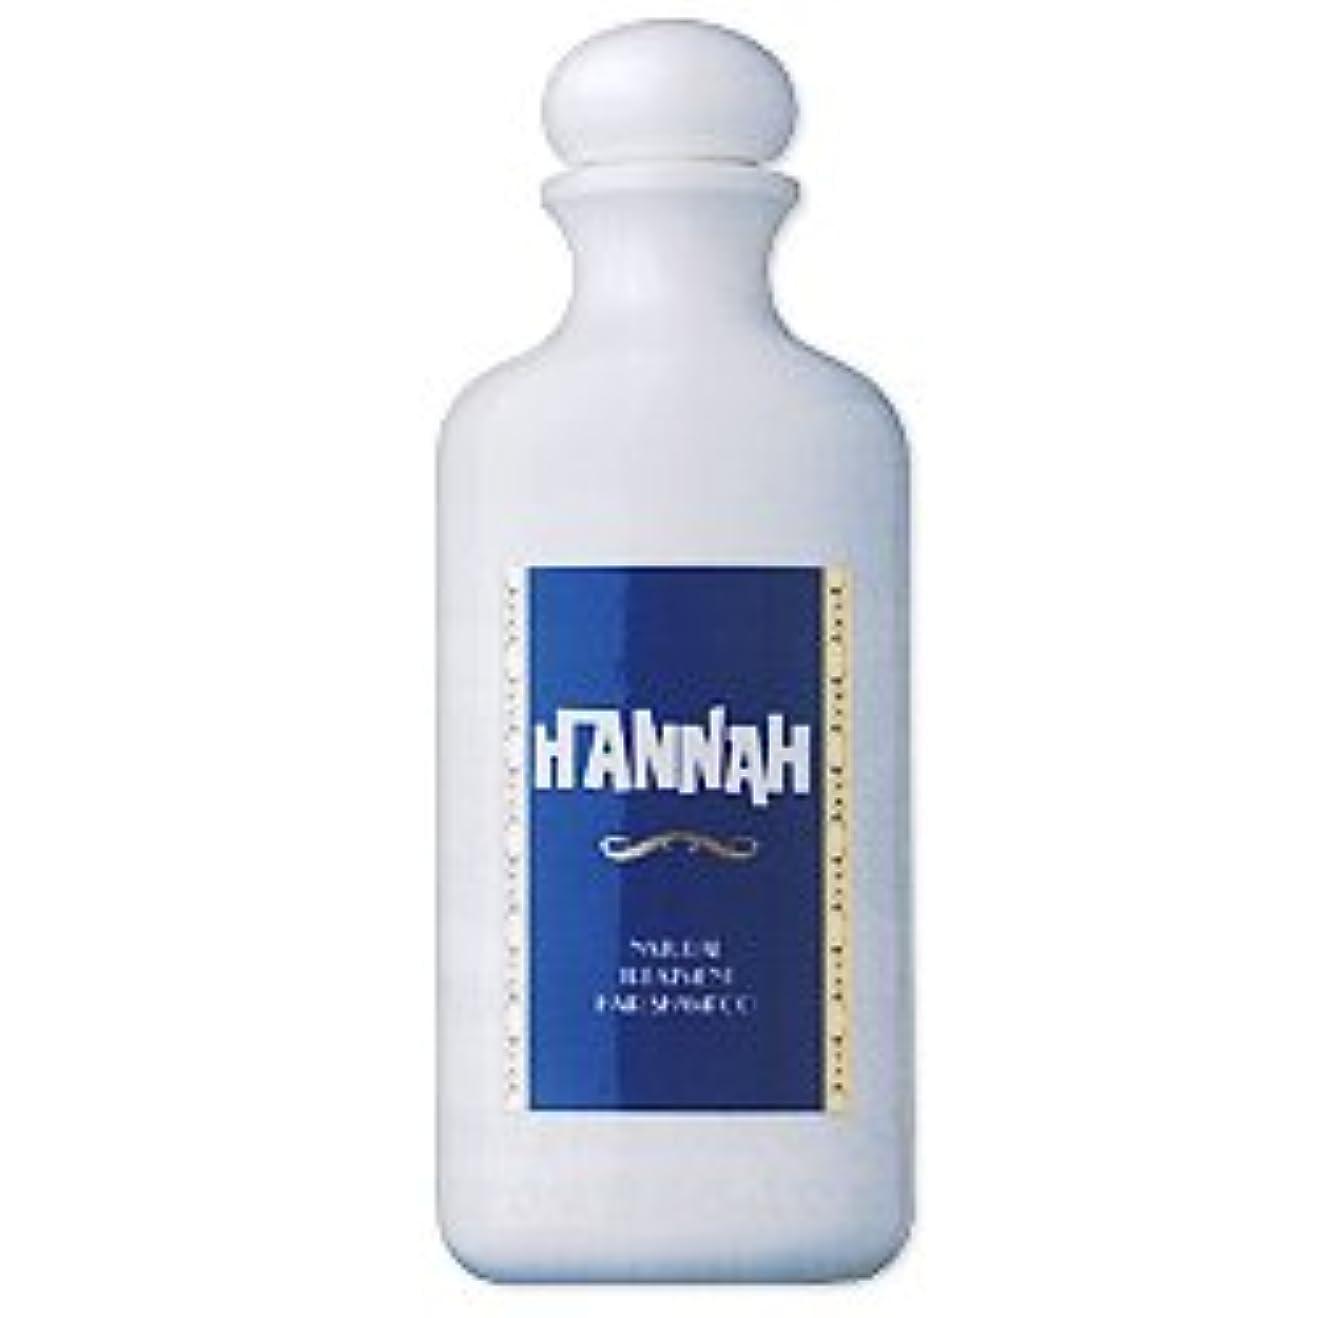 キャビンスキャン不良品国際化学株式会社 ハンナ ナチュラル トリートメント シャンプー 300ml